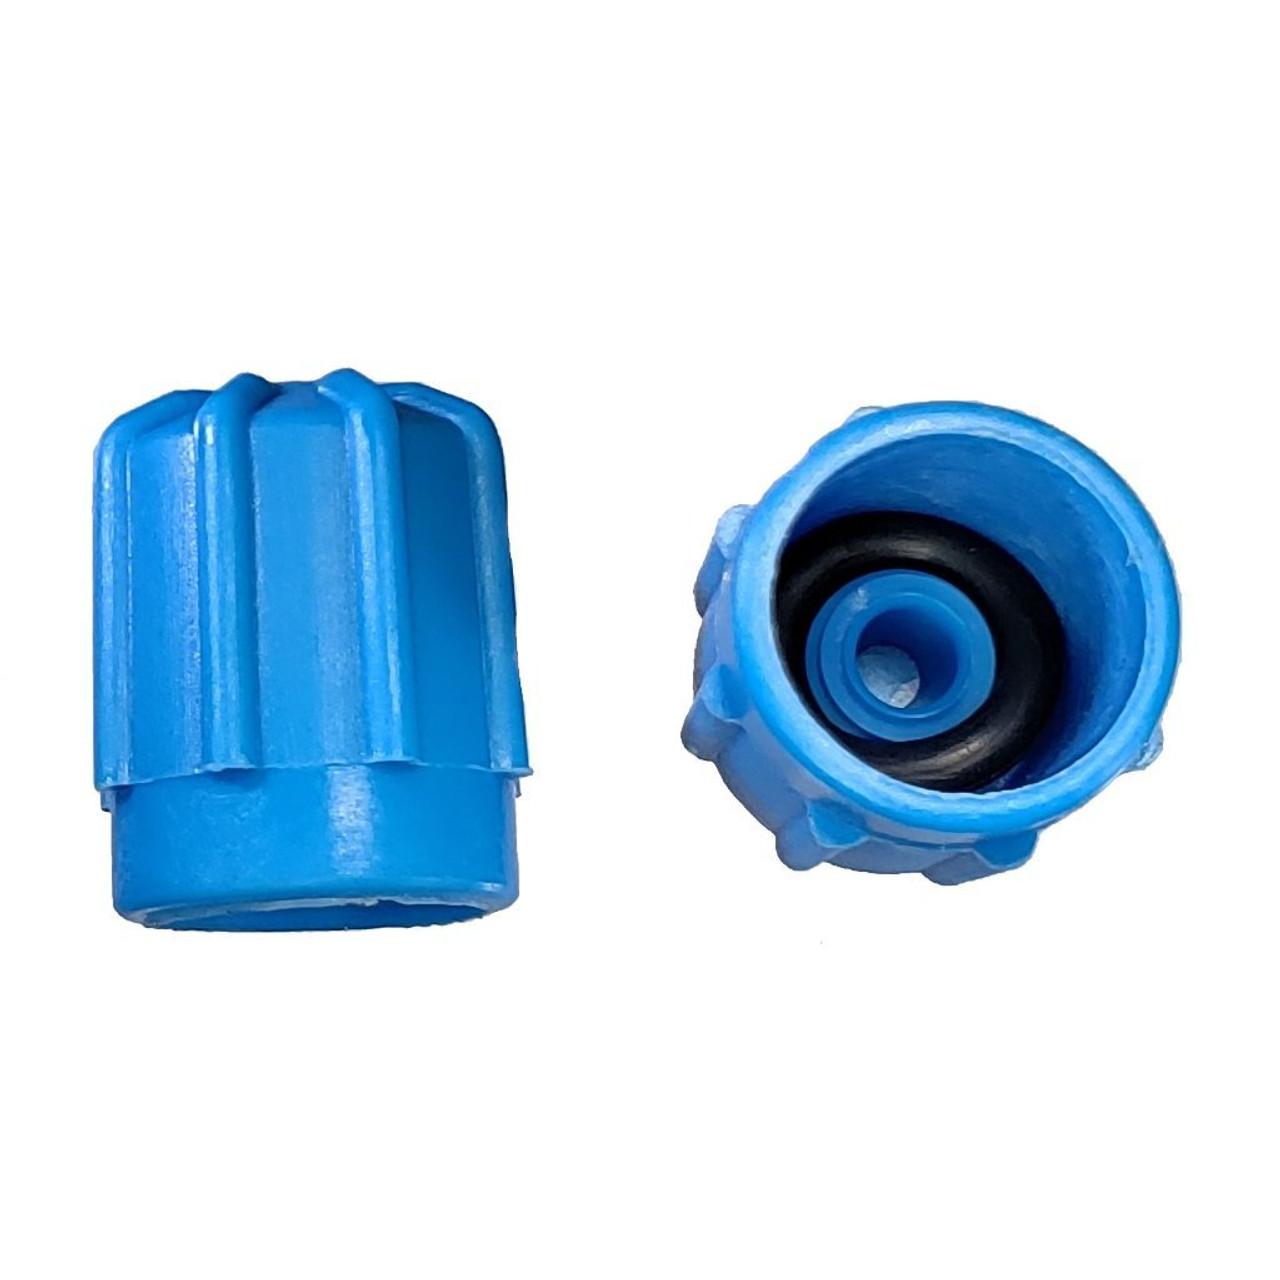 AC Service Port Cap - Blue Low Side M8x1.0